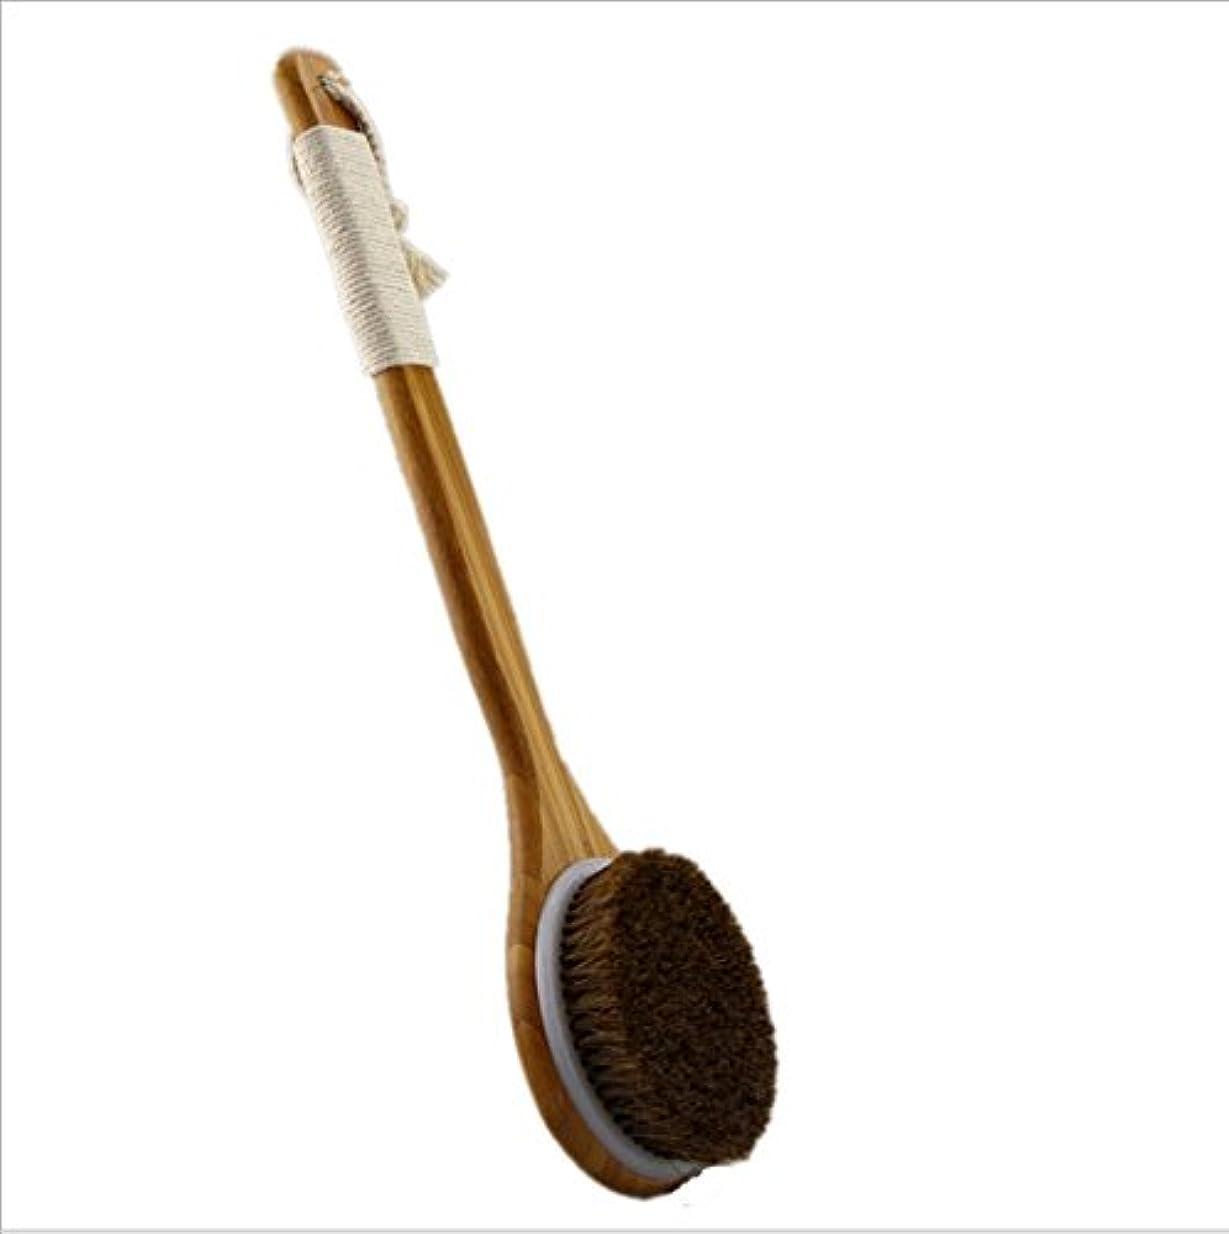 ウミウシ刺繍検出器Bigmind 100%天然高級な馬毛ボディブラシ あかすり 竹製長柄 体洗い/背中ブラシ お風呂